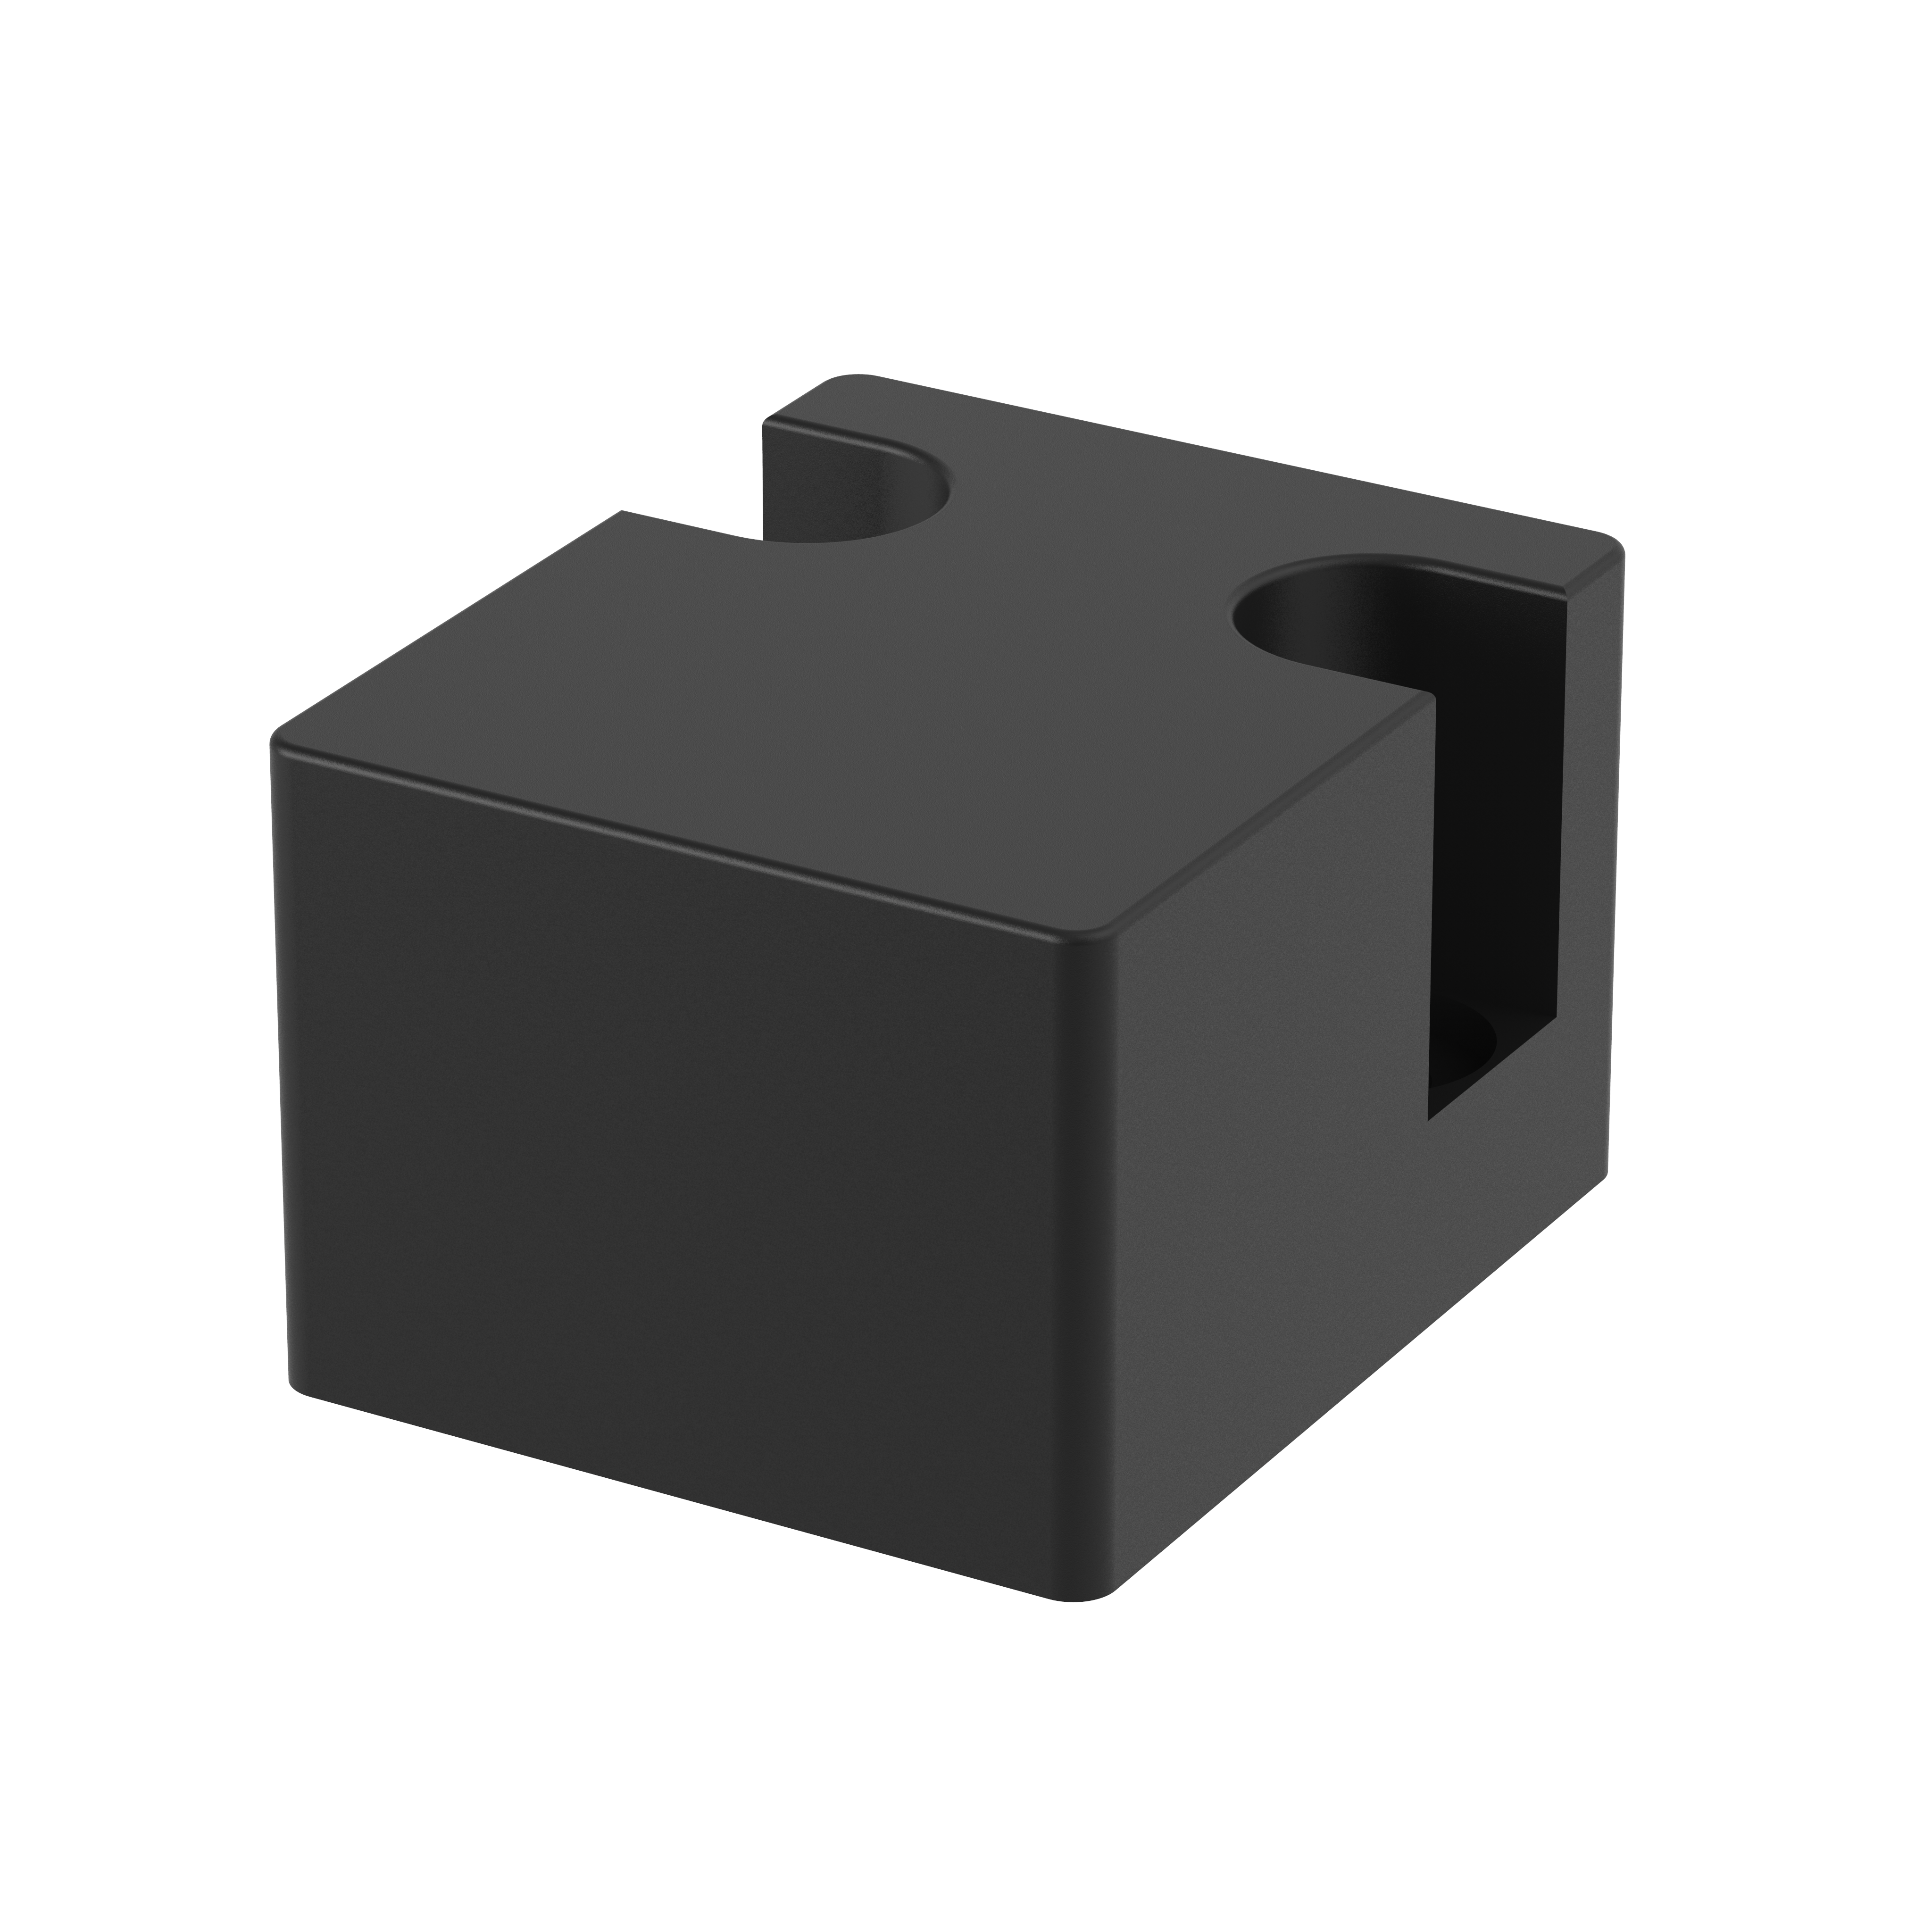 Betätiger für Sicherheitssensoren - 30422112 - Zubehör Baureihe 161